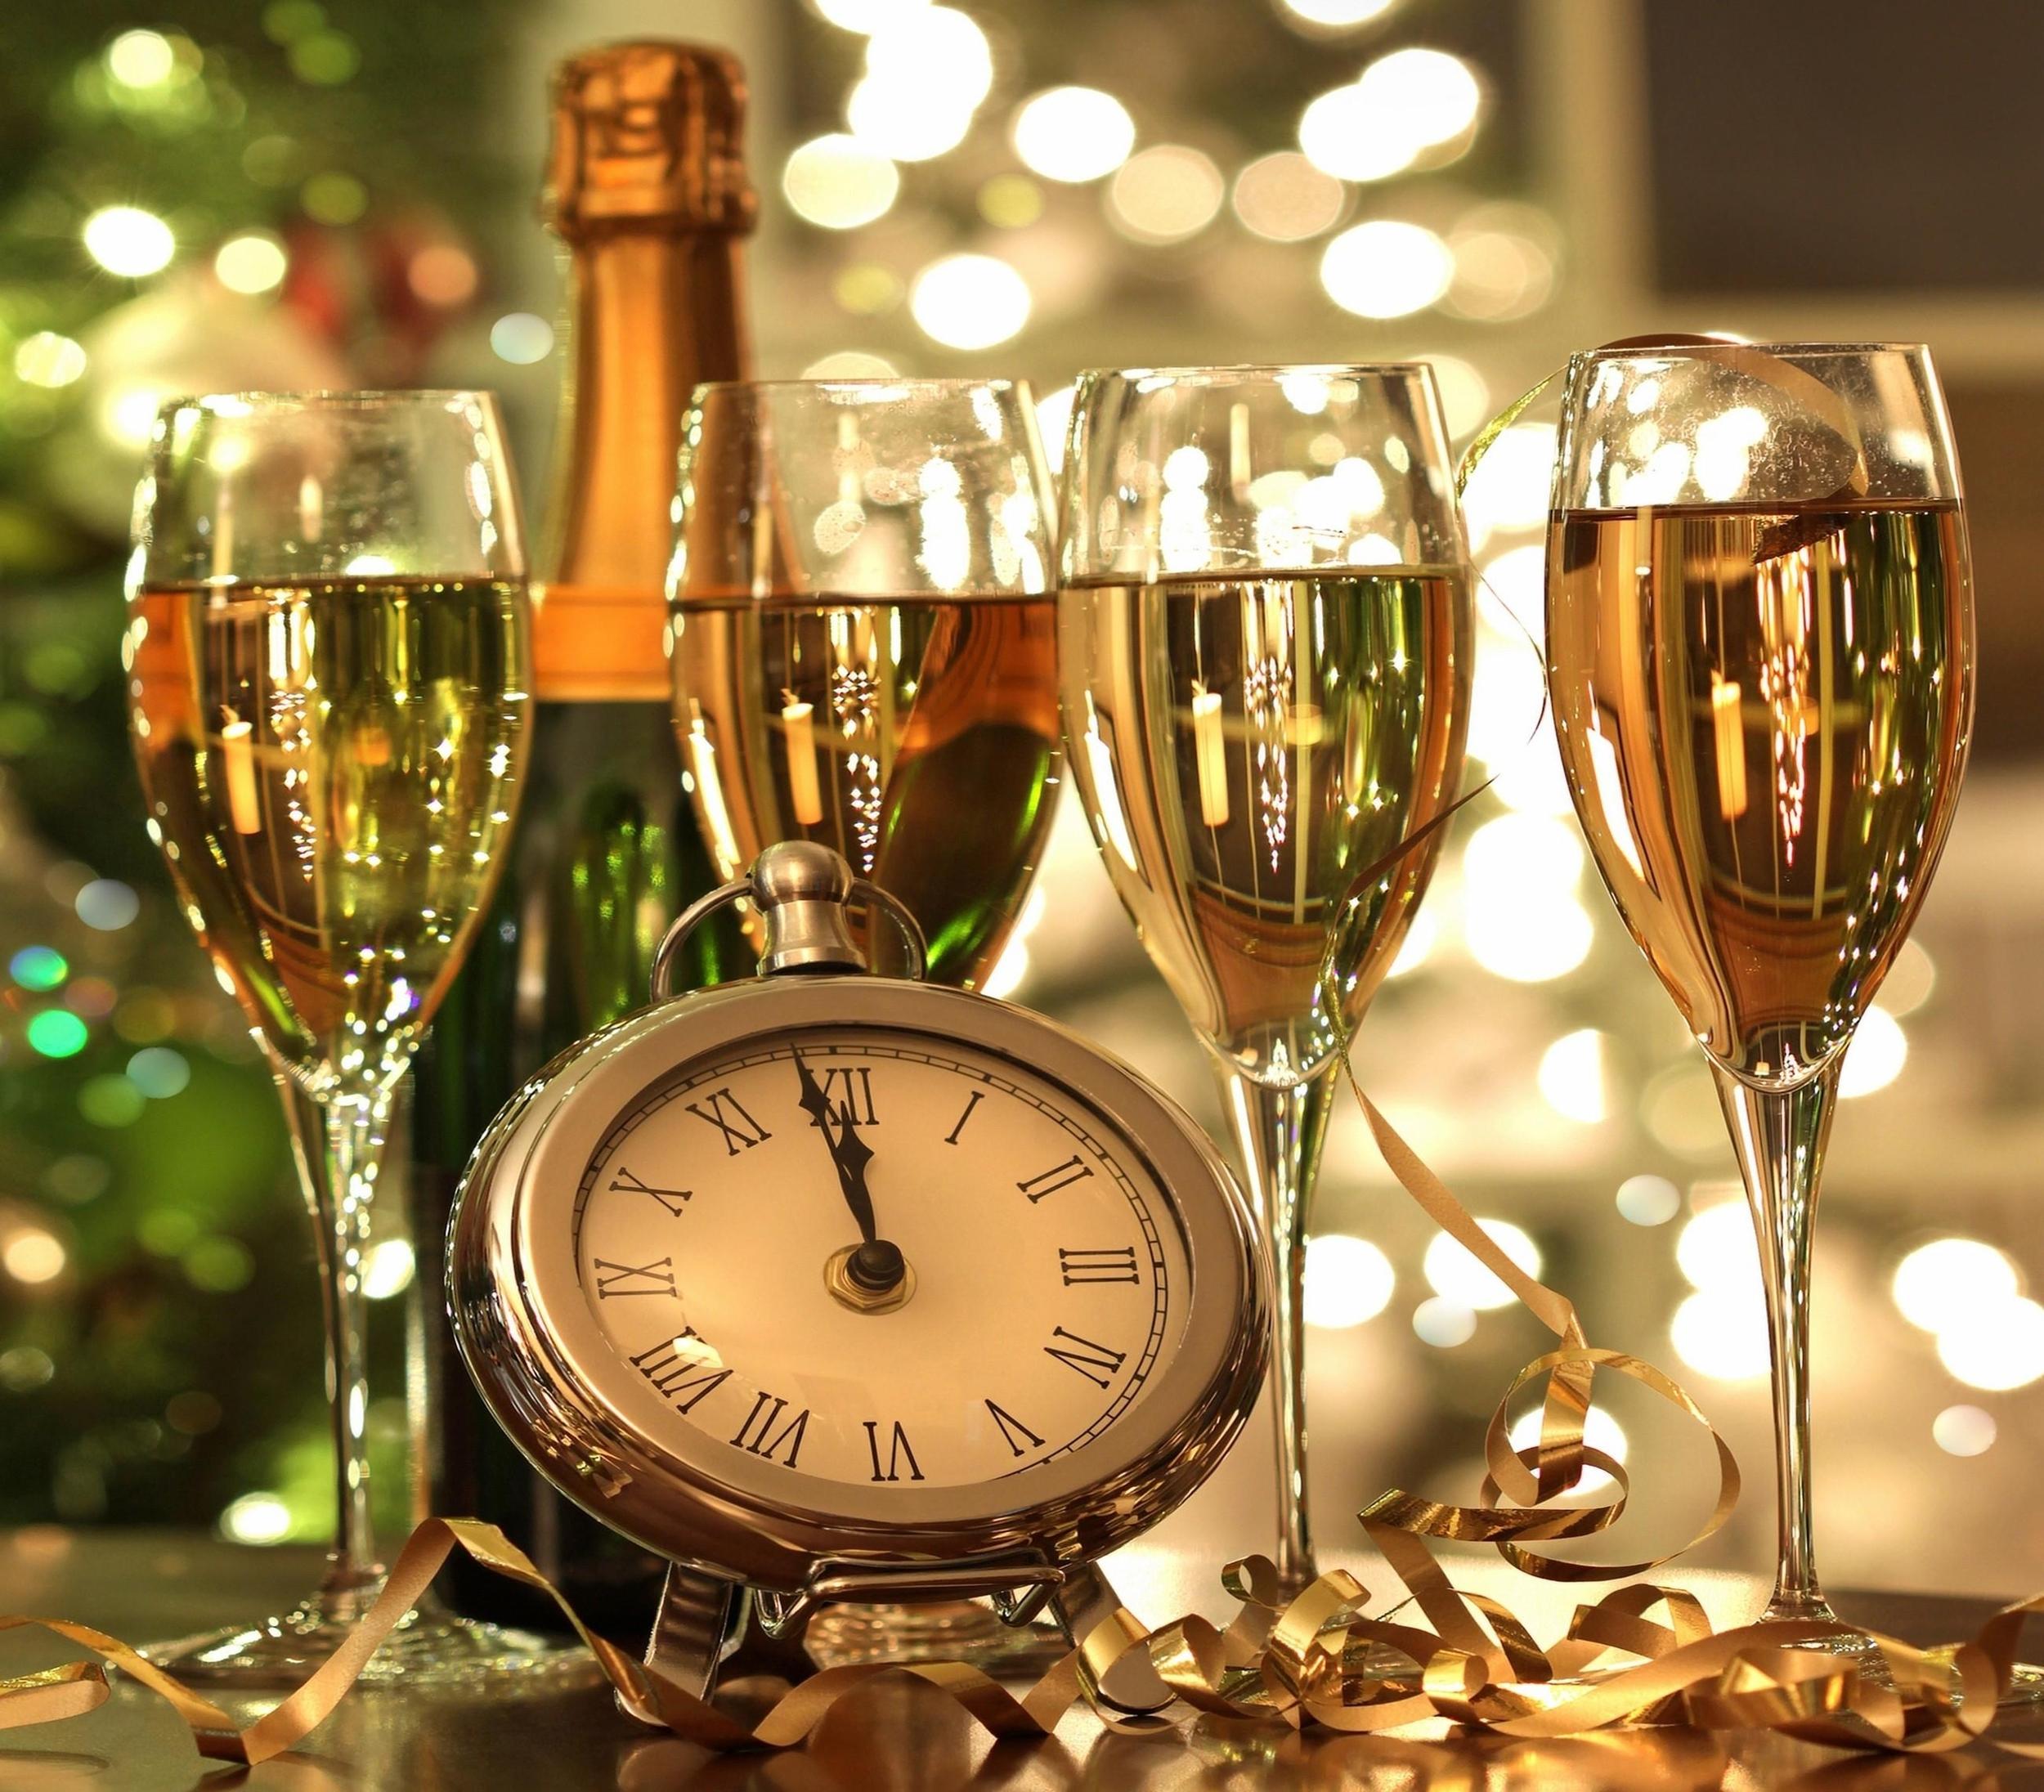 Feliz Ano novo! Bem vindo 2015!